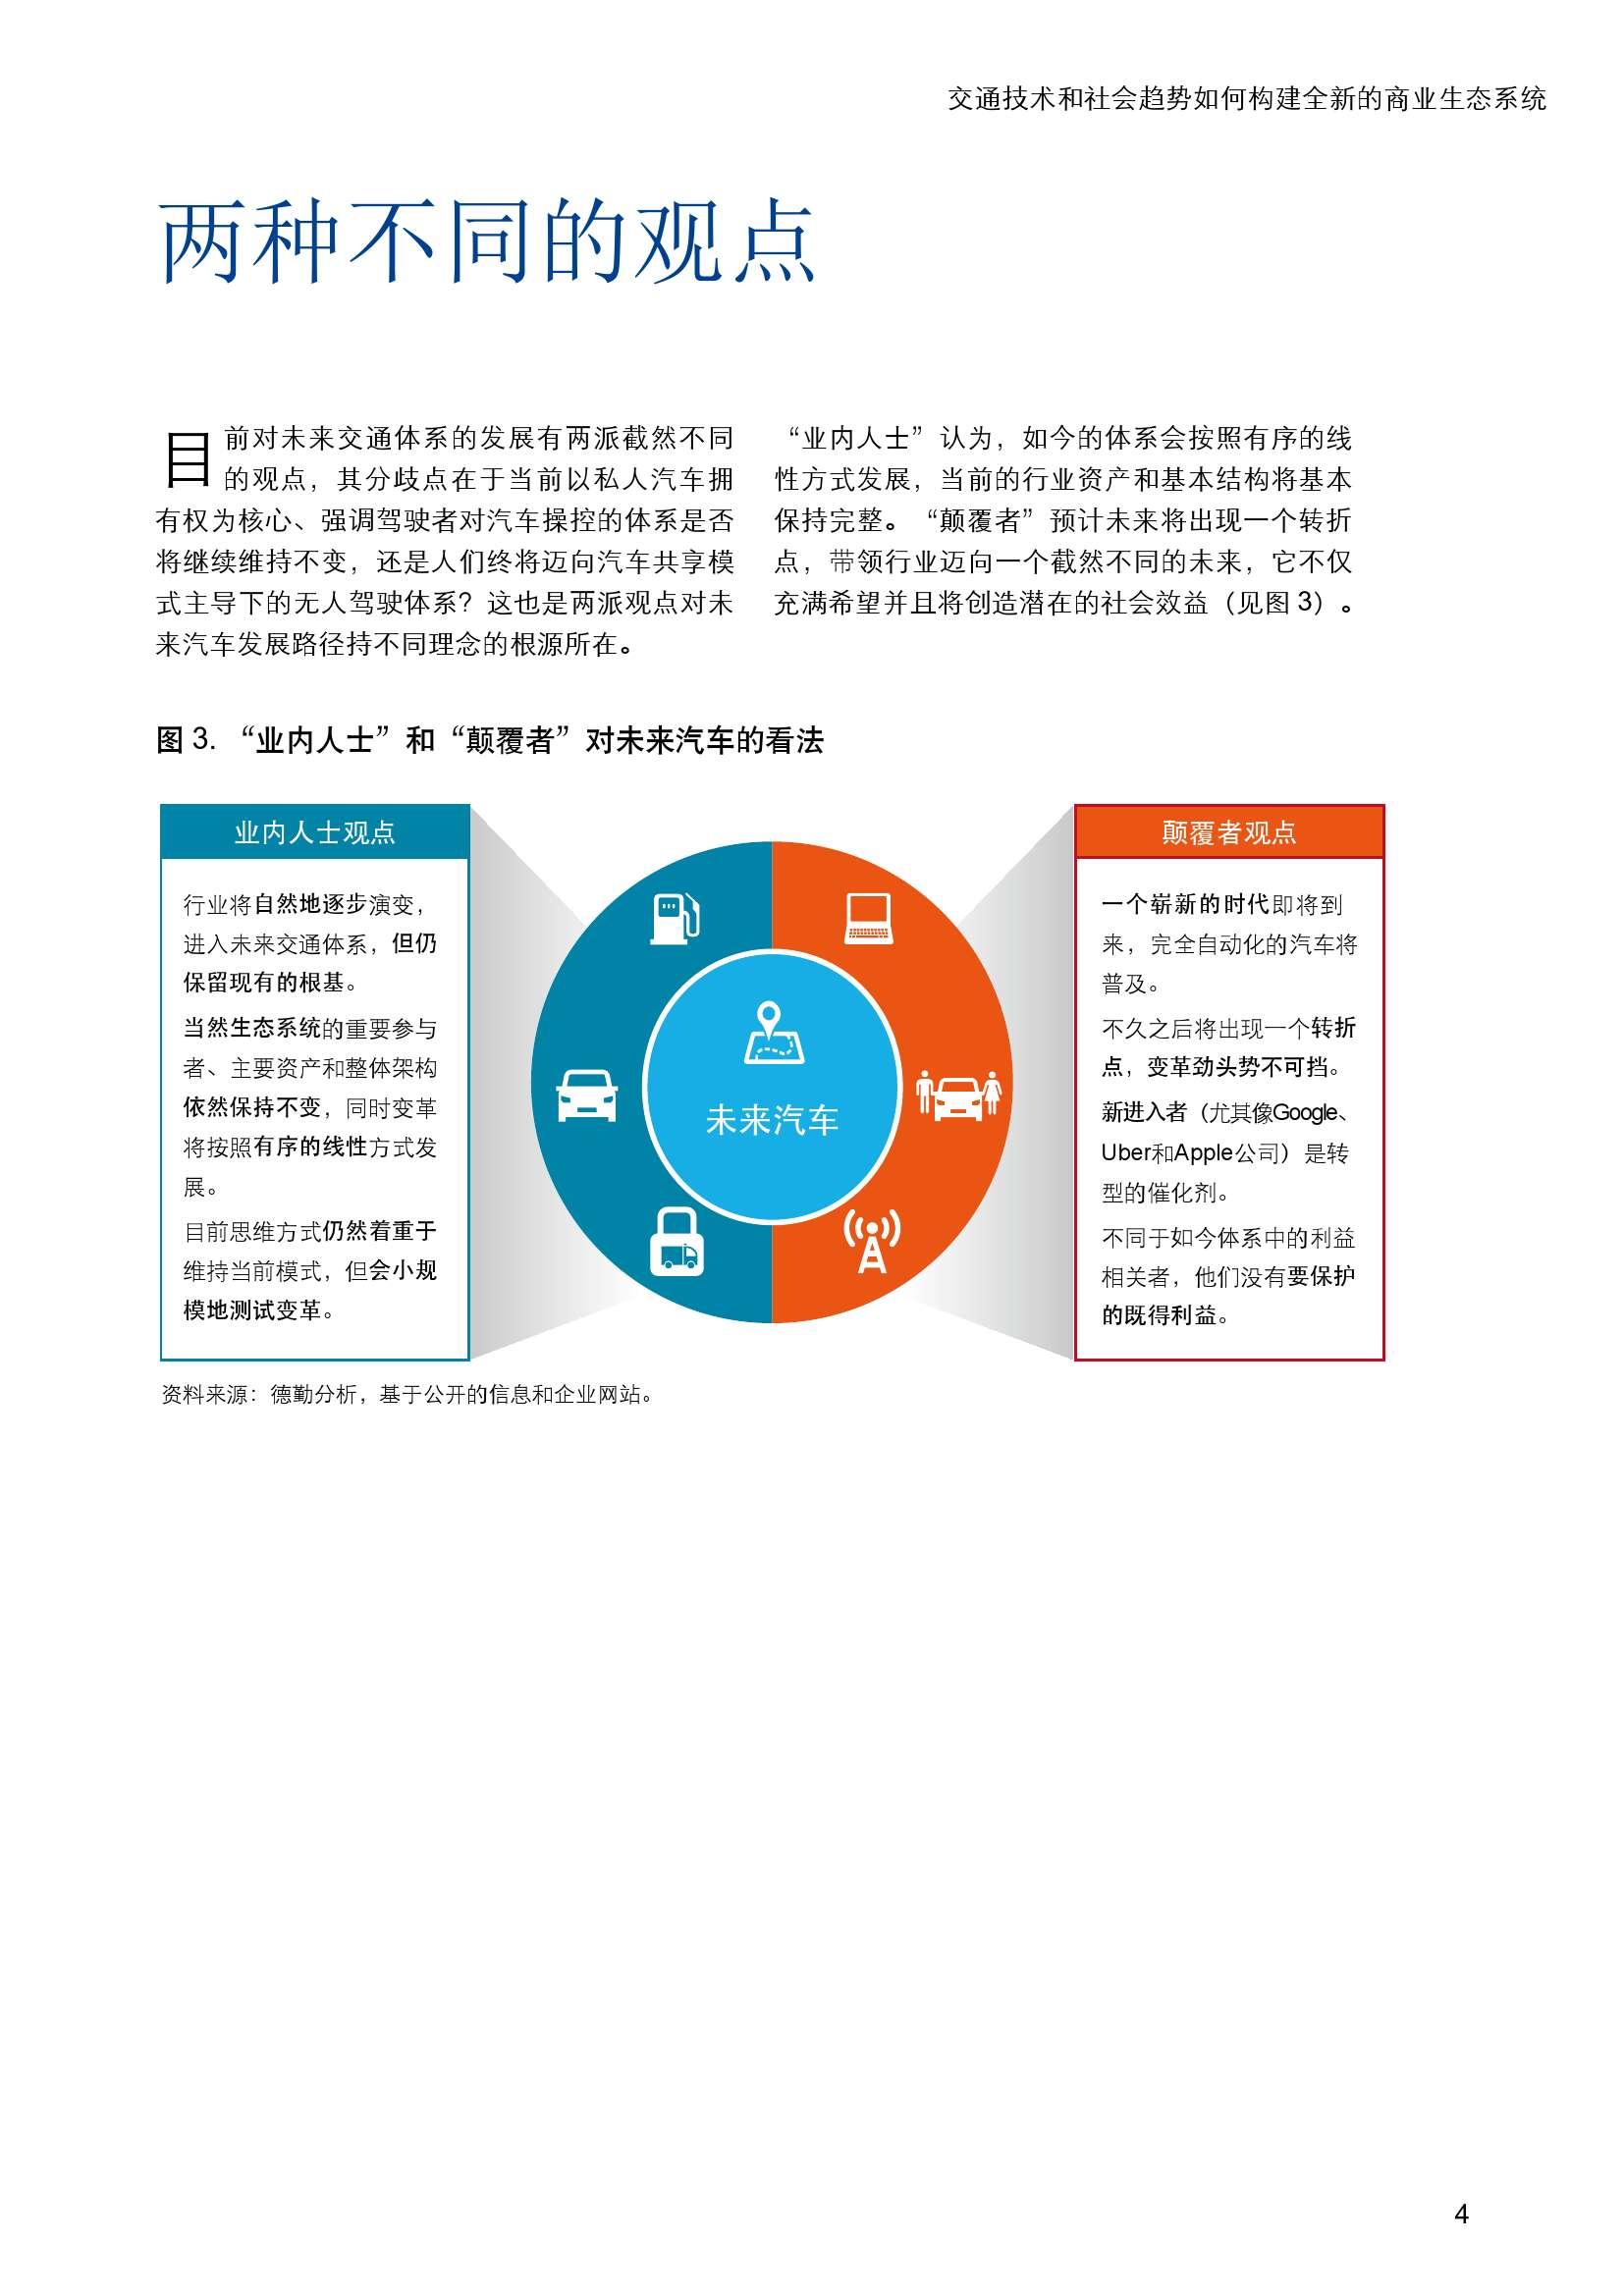 未来汽车:交通技术和社会趋势如何构建全新的商业生态系统_000007